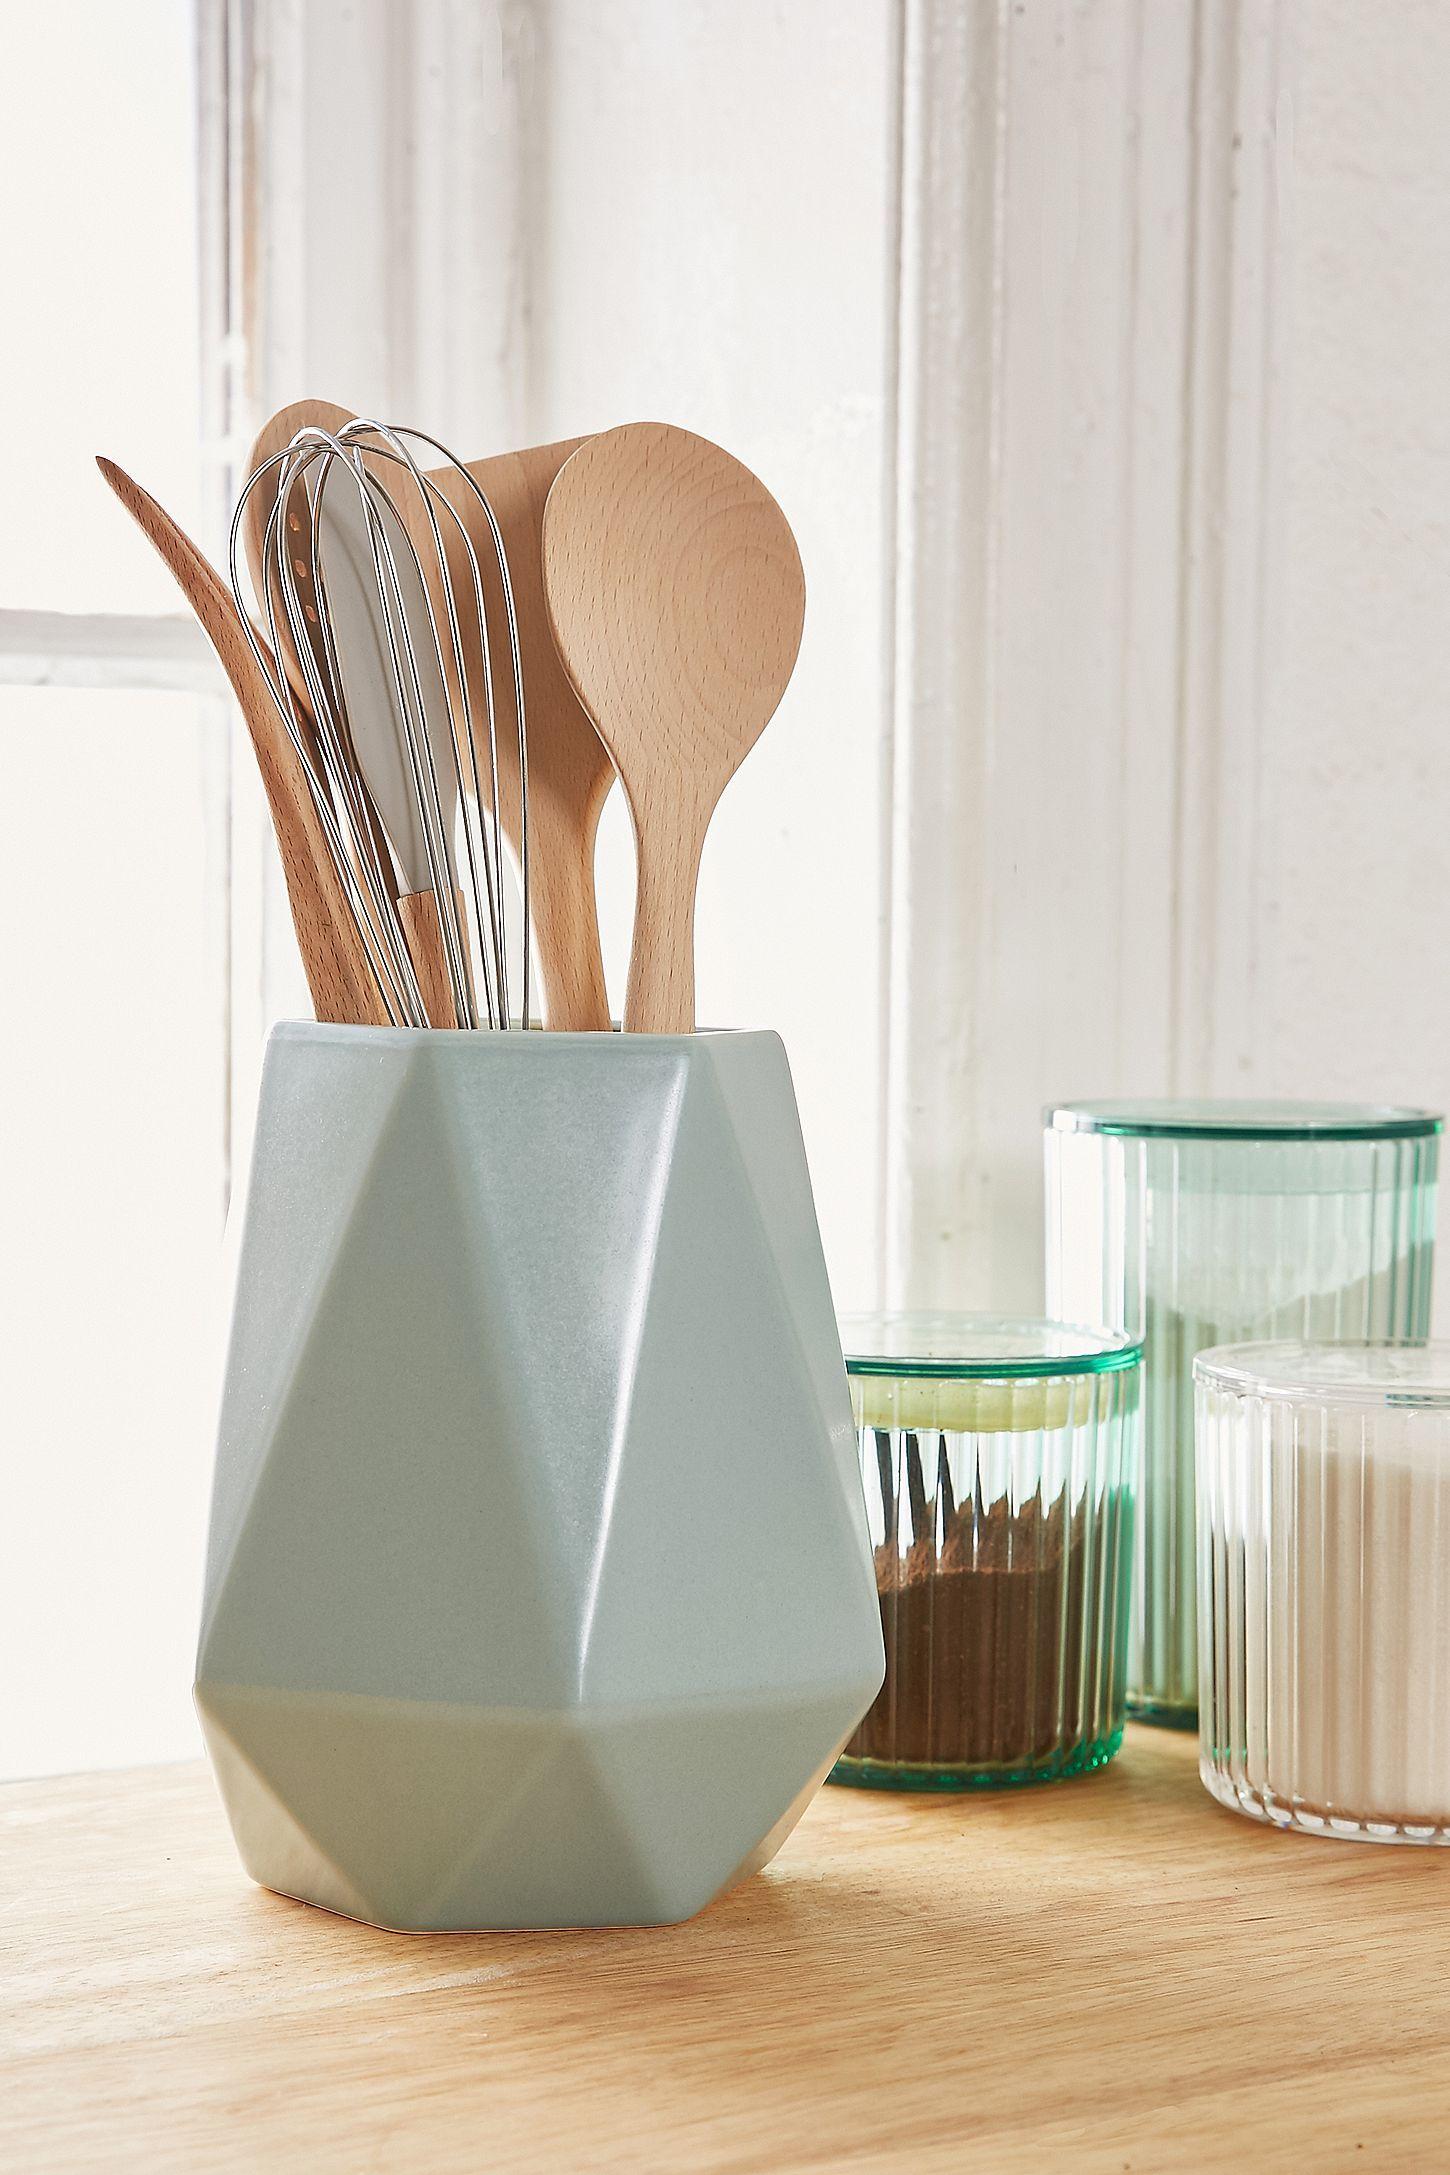 Faceted utensil holder in our new house pinterest utensil